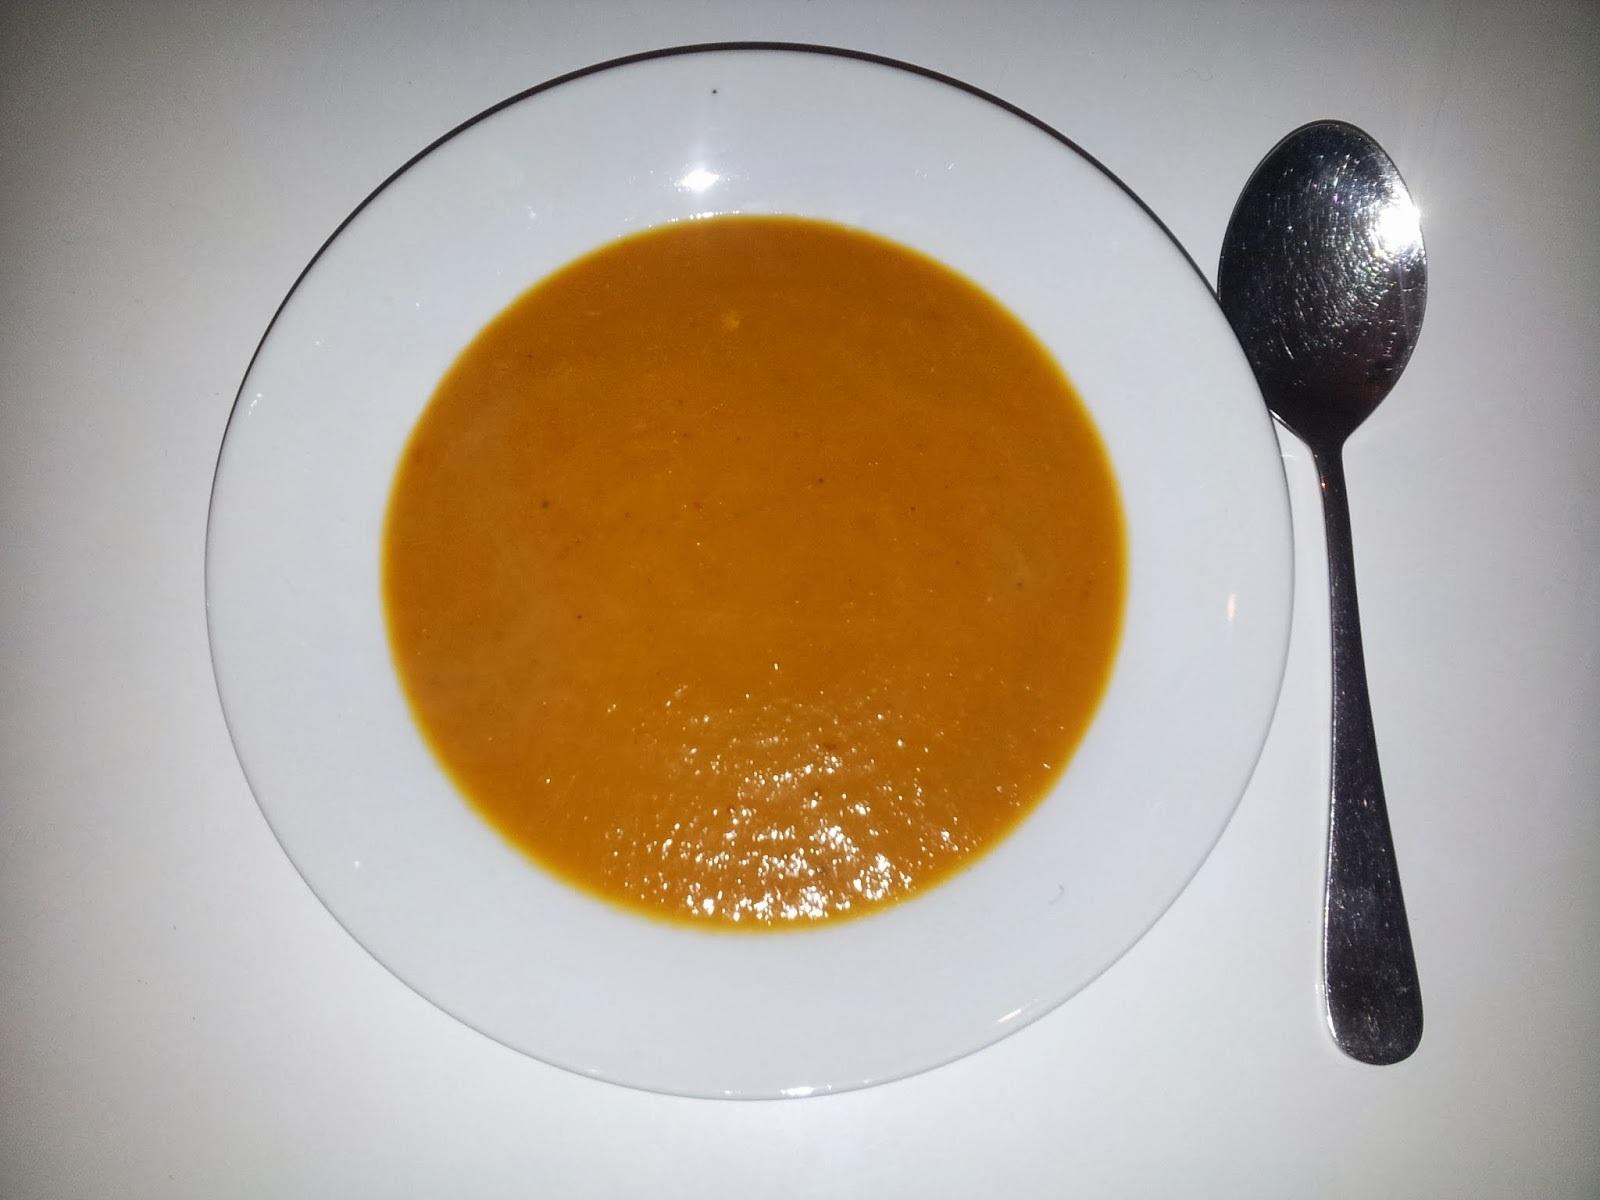 rikshospitalets suppe